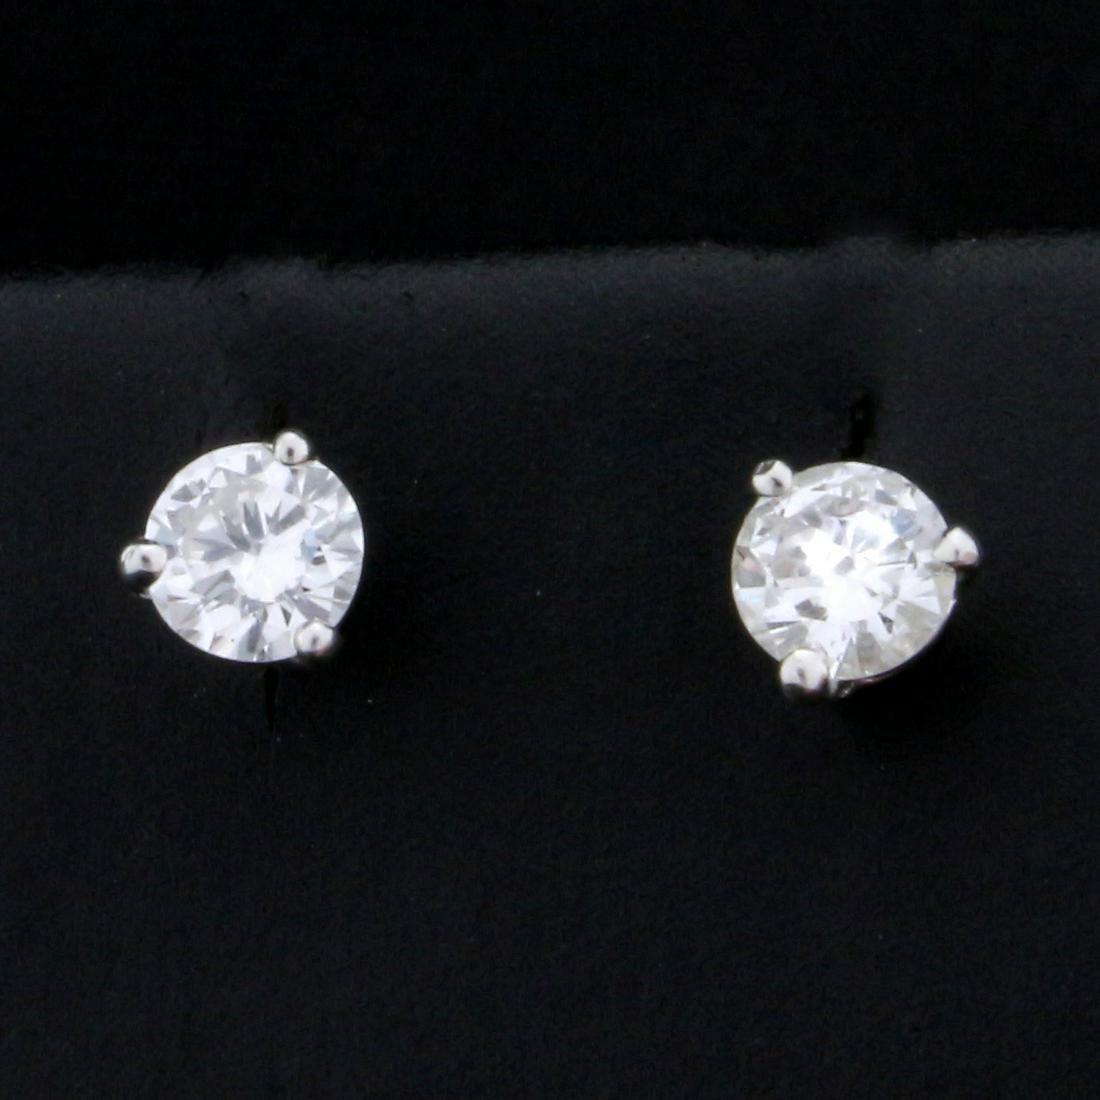 1/2ct TW Diamond Stud Earrings in Platinum Basket